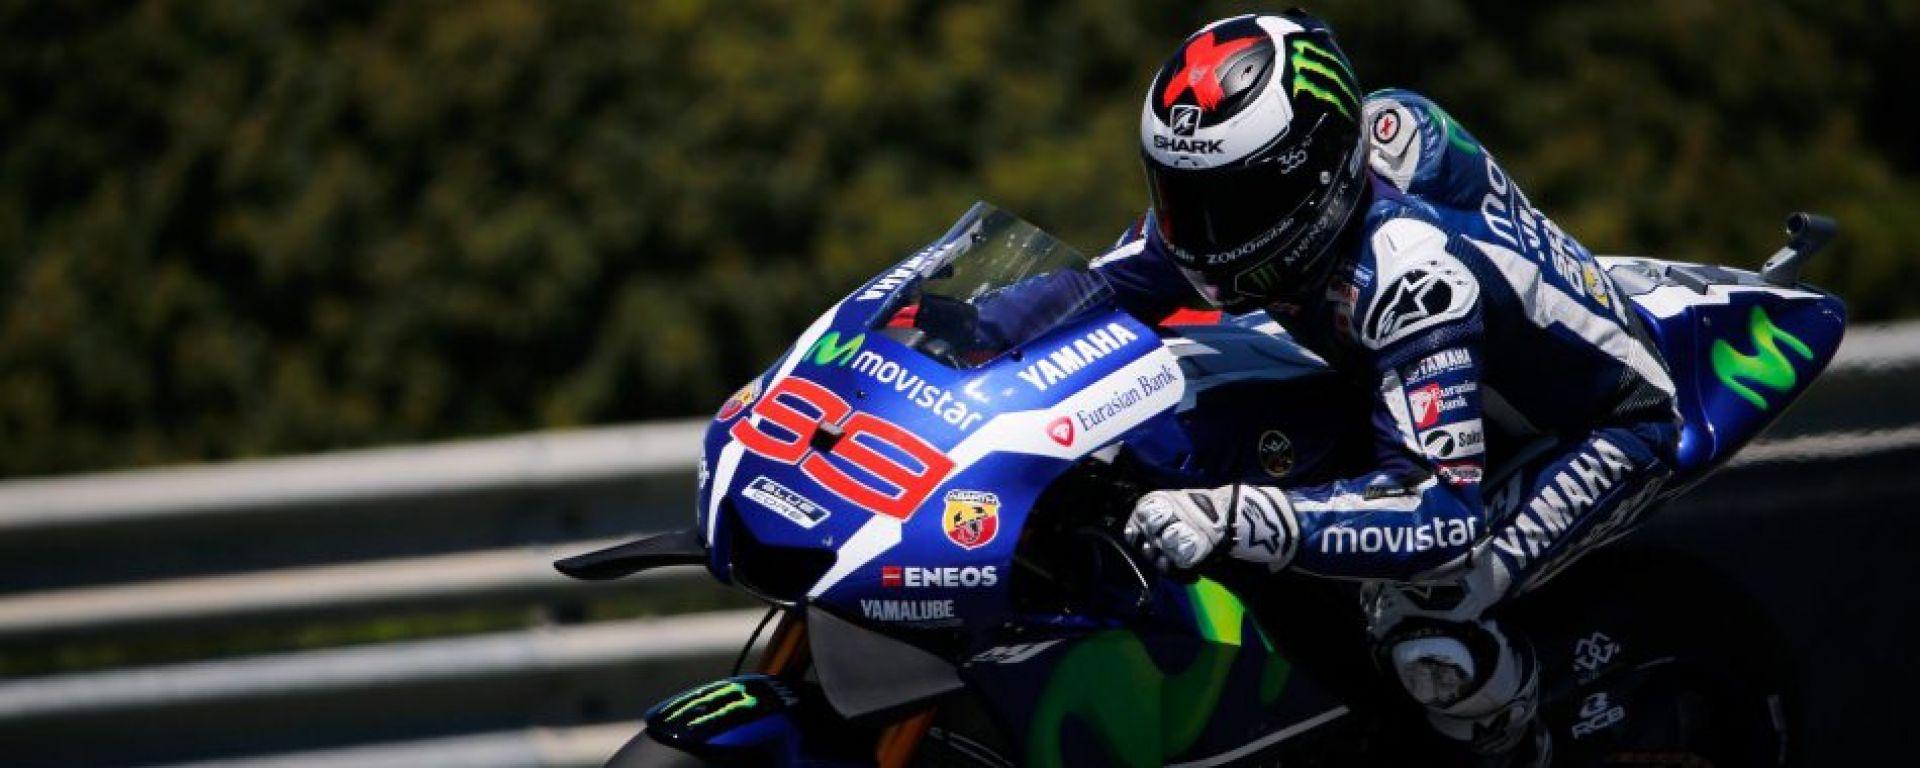 MotoGP Le Mans 2016: Jorge, la pole è tua!